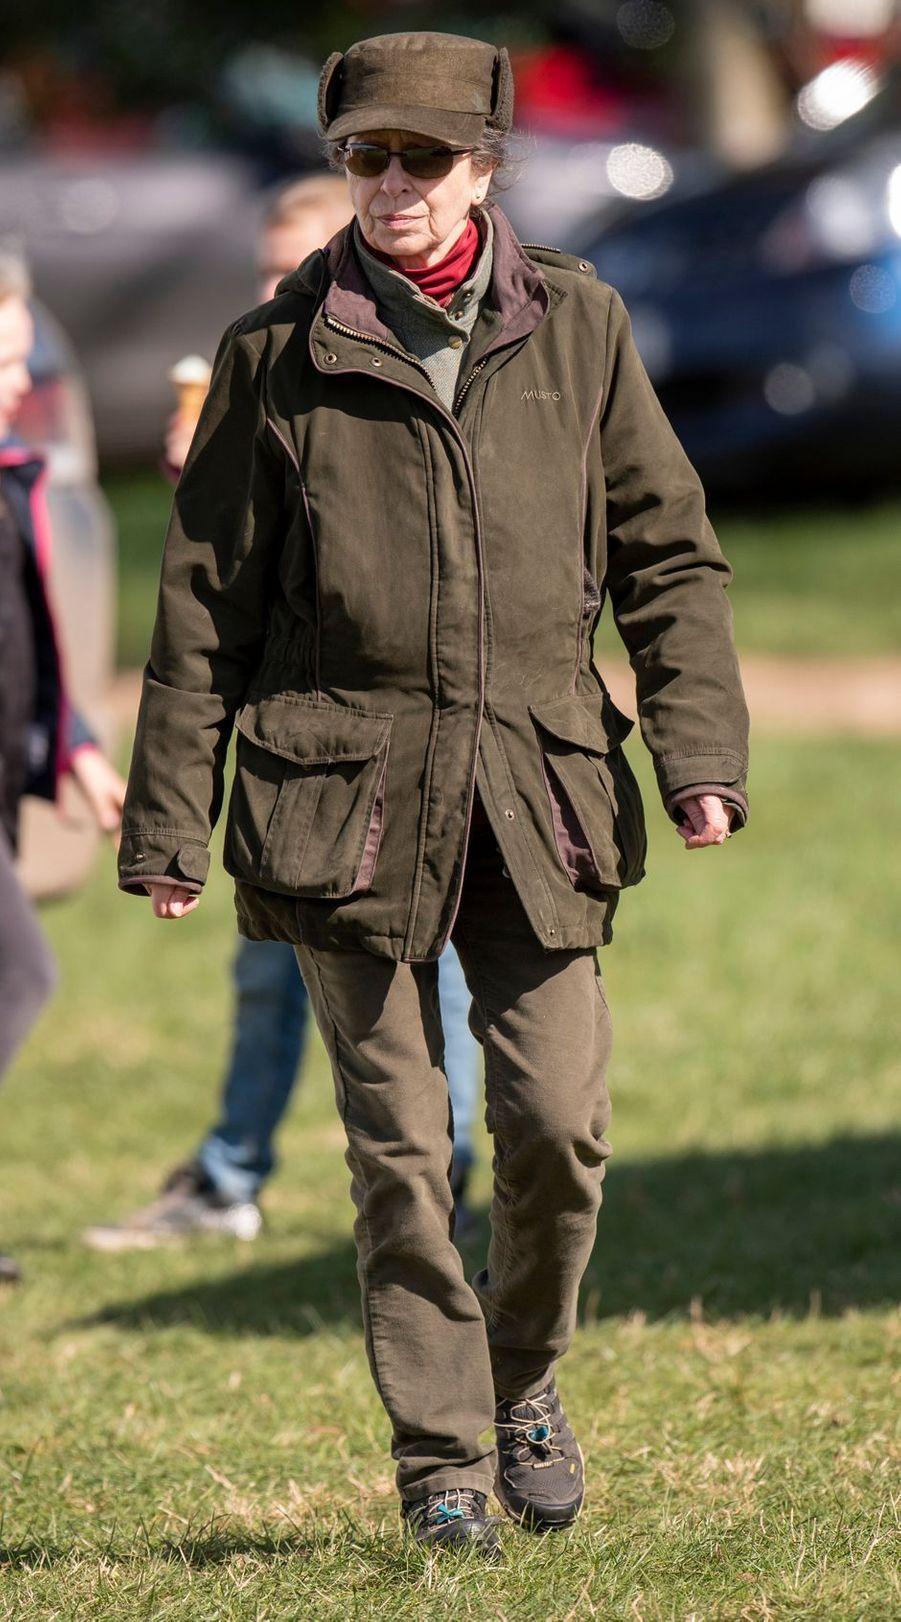 La princesse Anne à Gatcombe Park, le 24 mars 2019